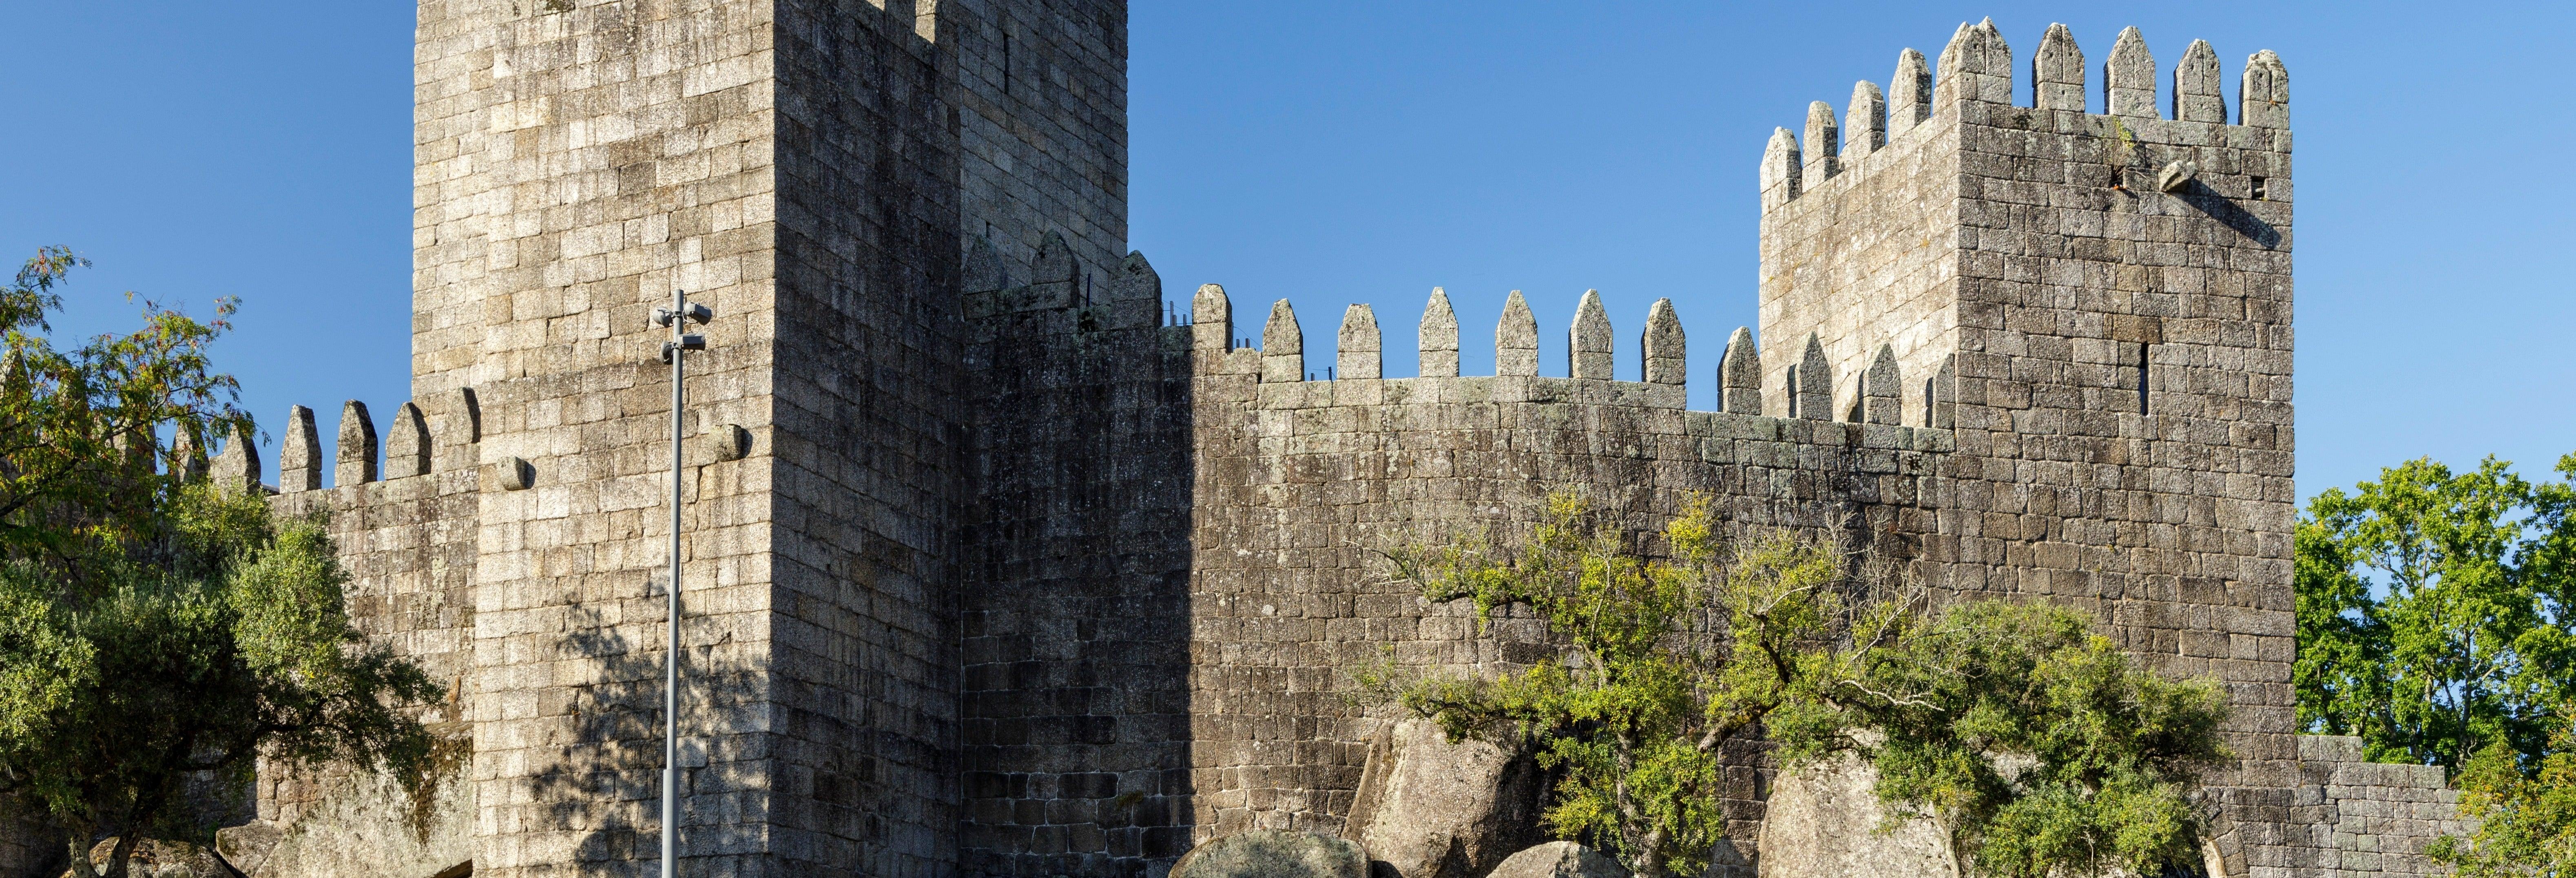 Bus touristique de Guimarães